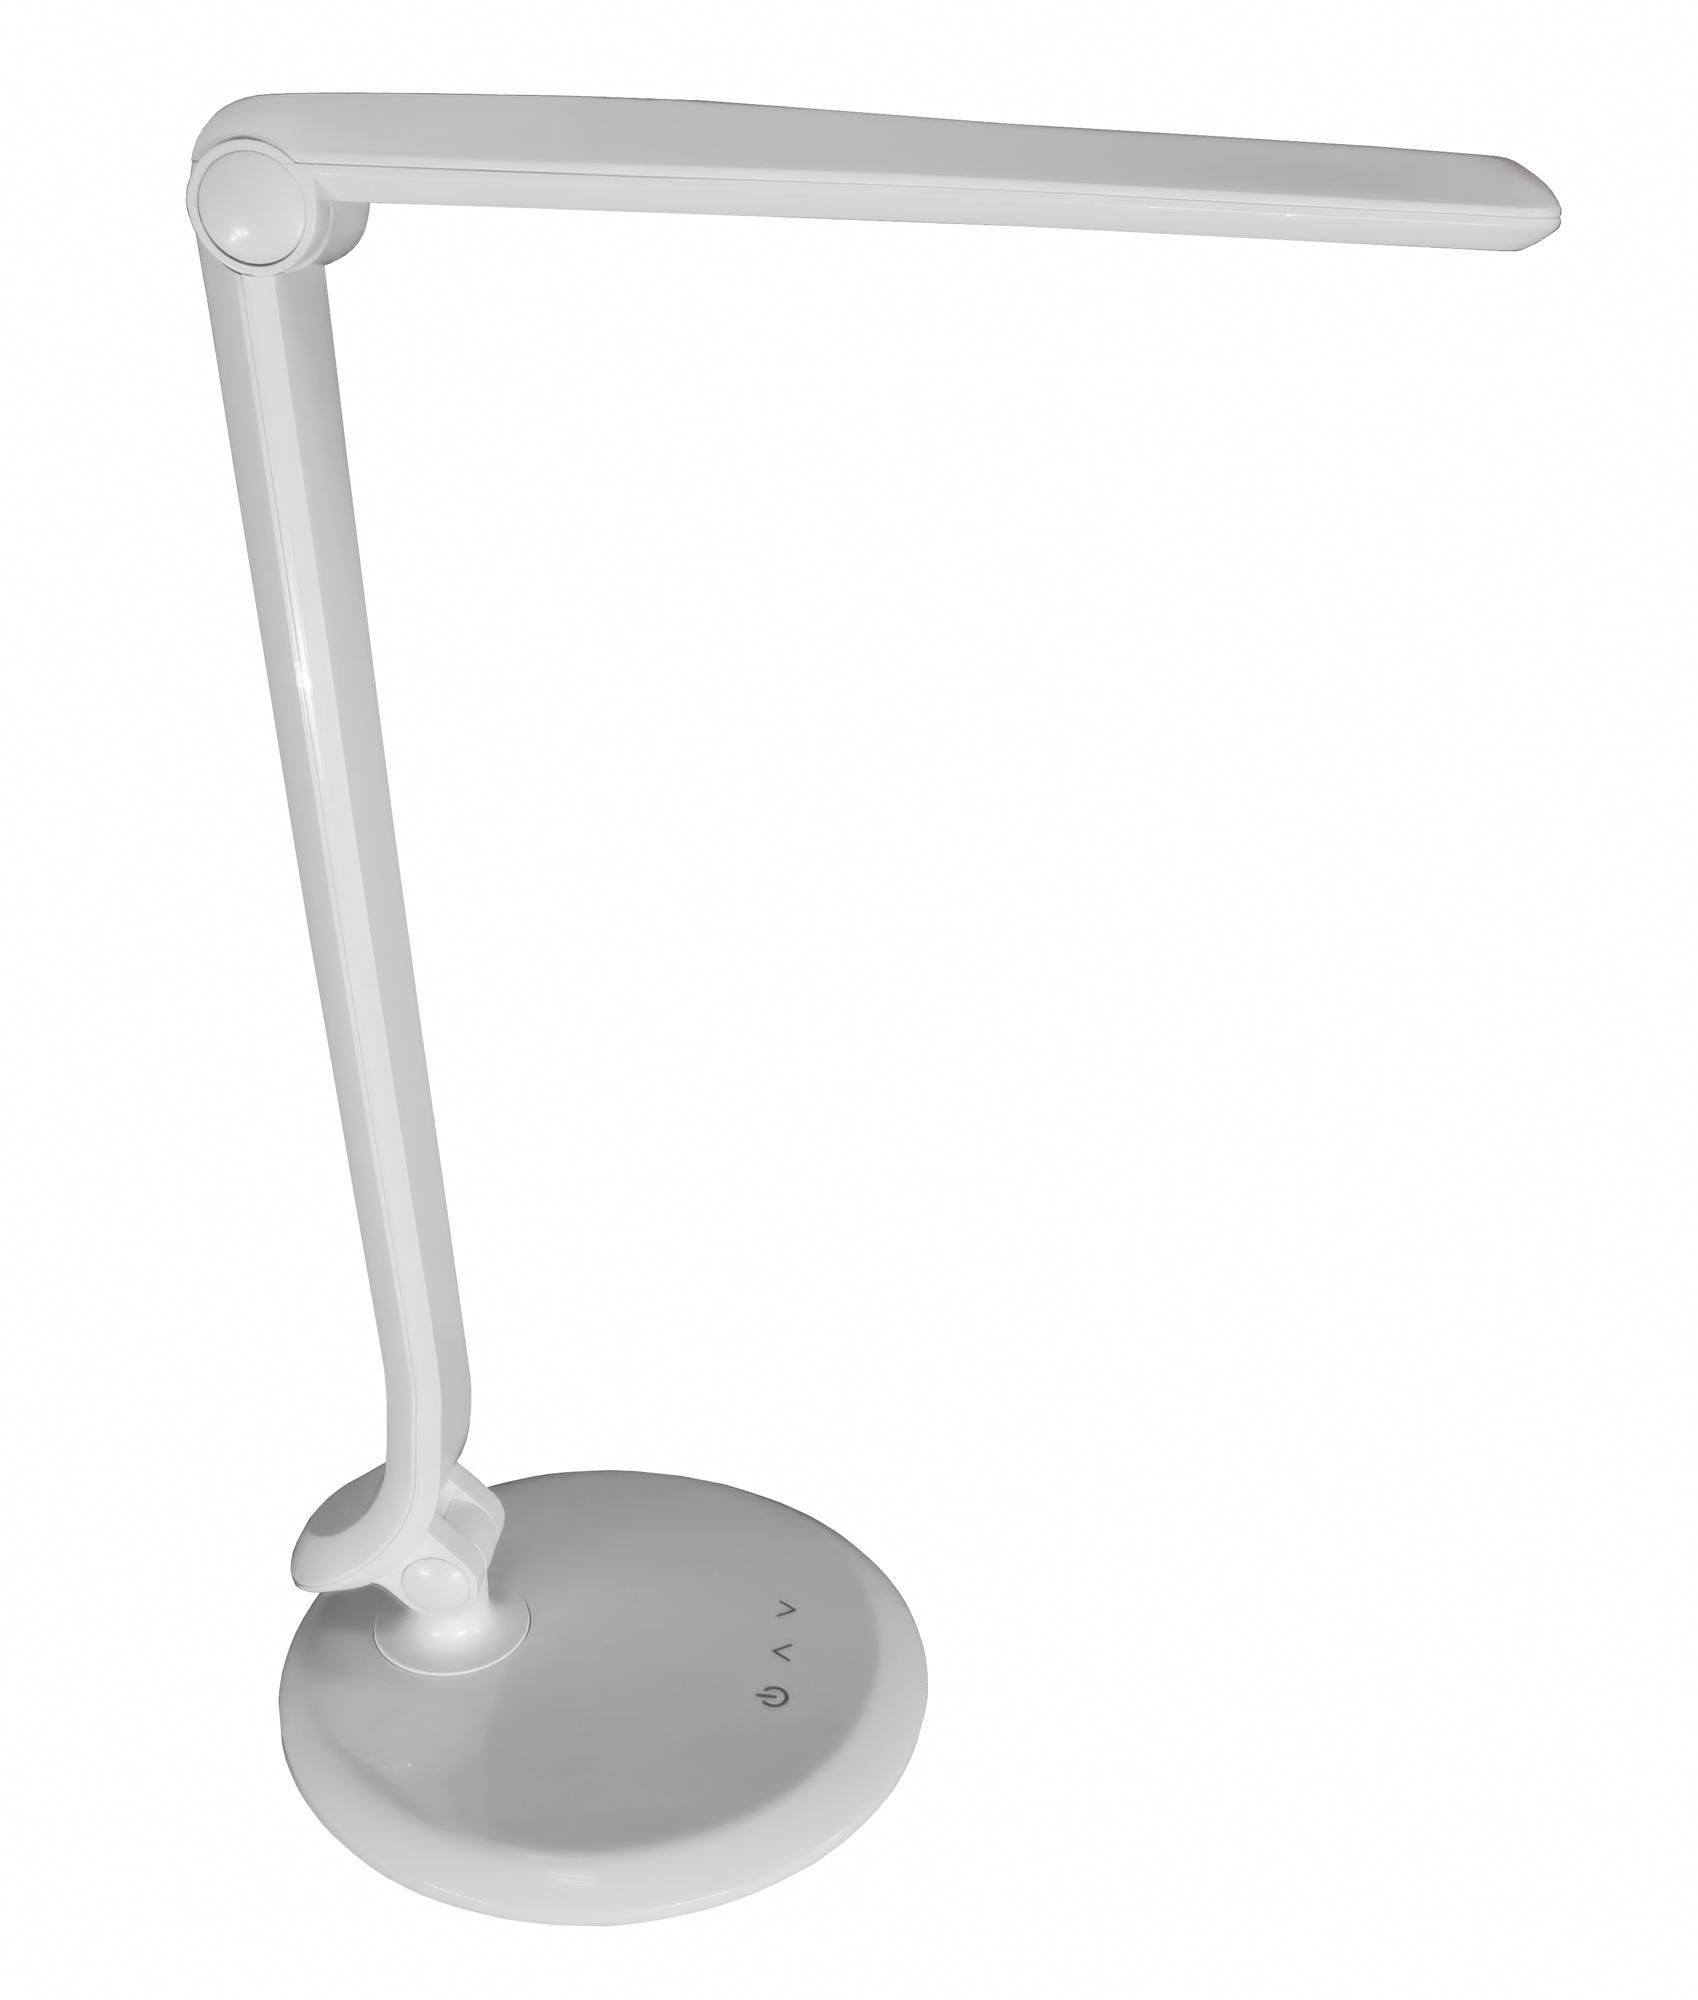 Фото - Лампа настольная СТАРТ Ct51 белый лампа настольная старт ct62 черный